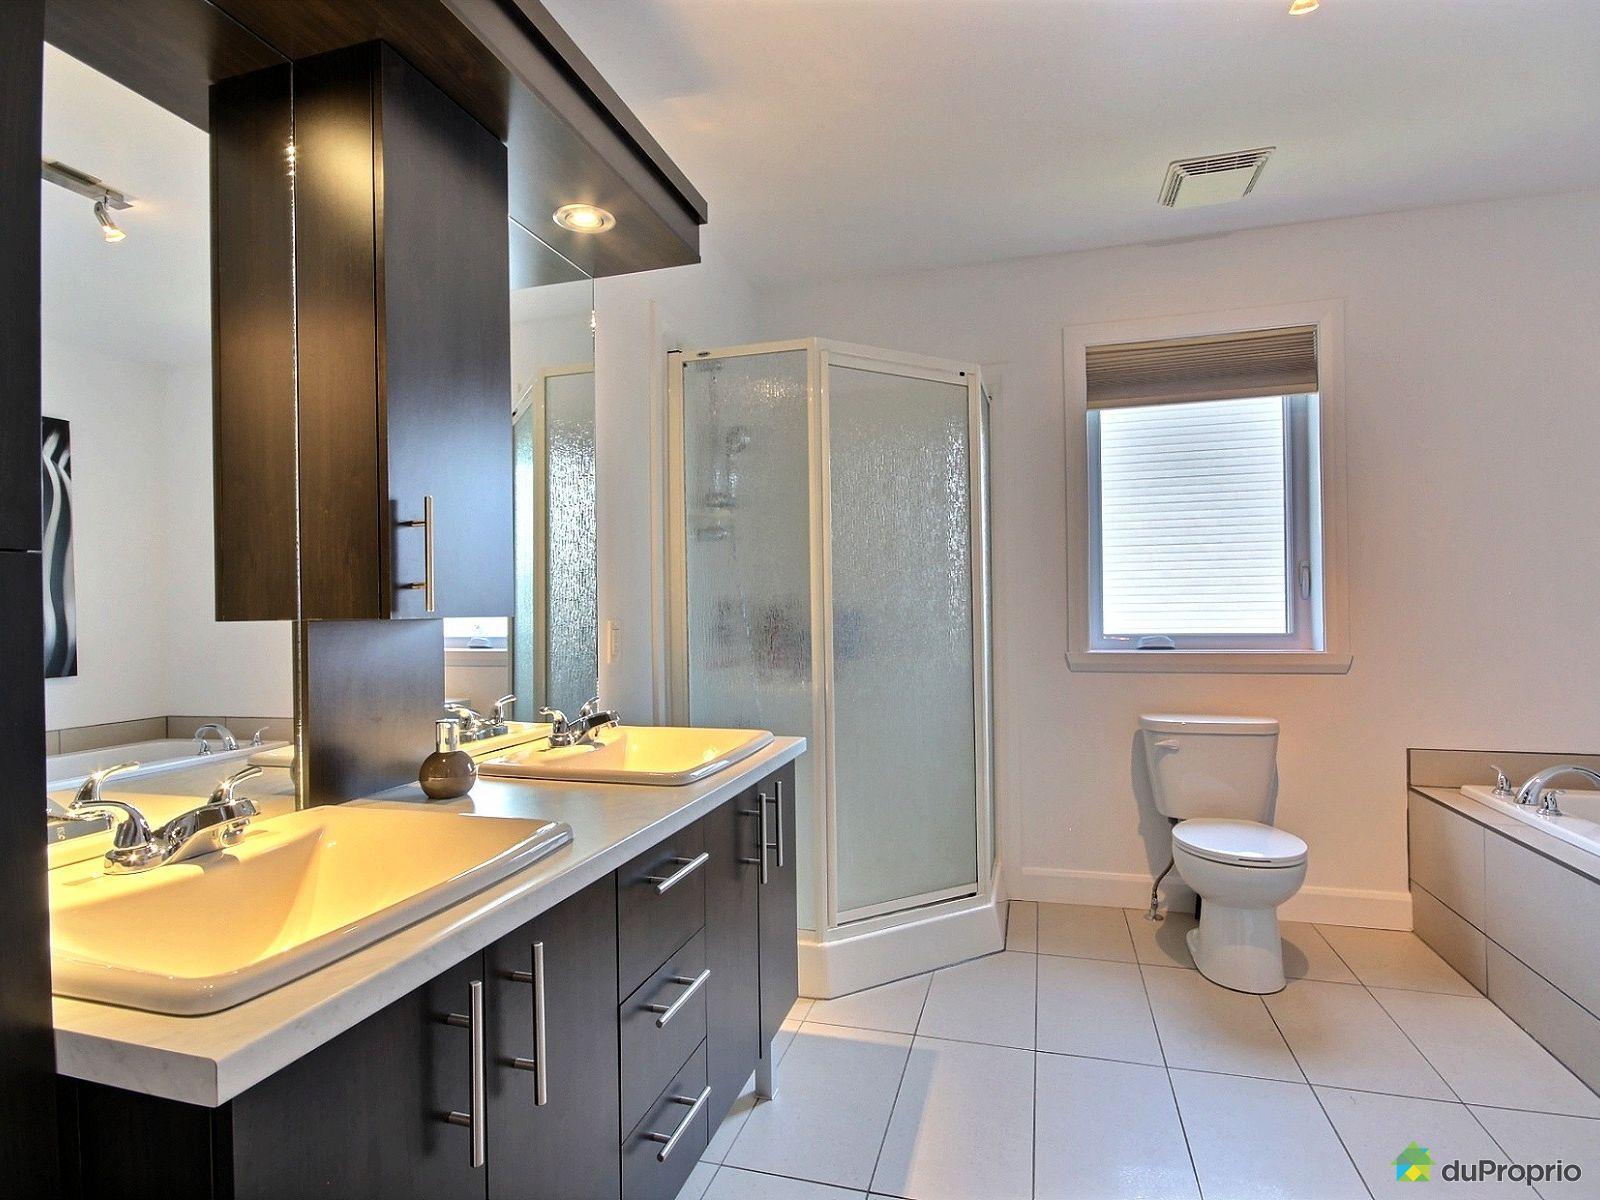 Maison vendre st j r me 124 rue guay immobilier qu bec for Accessoire salle de bain st jerome